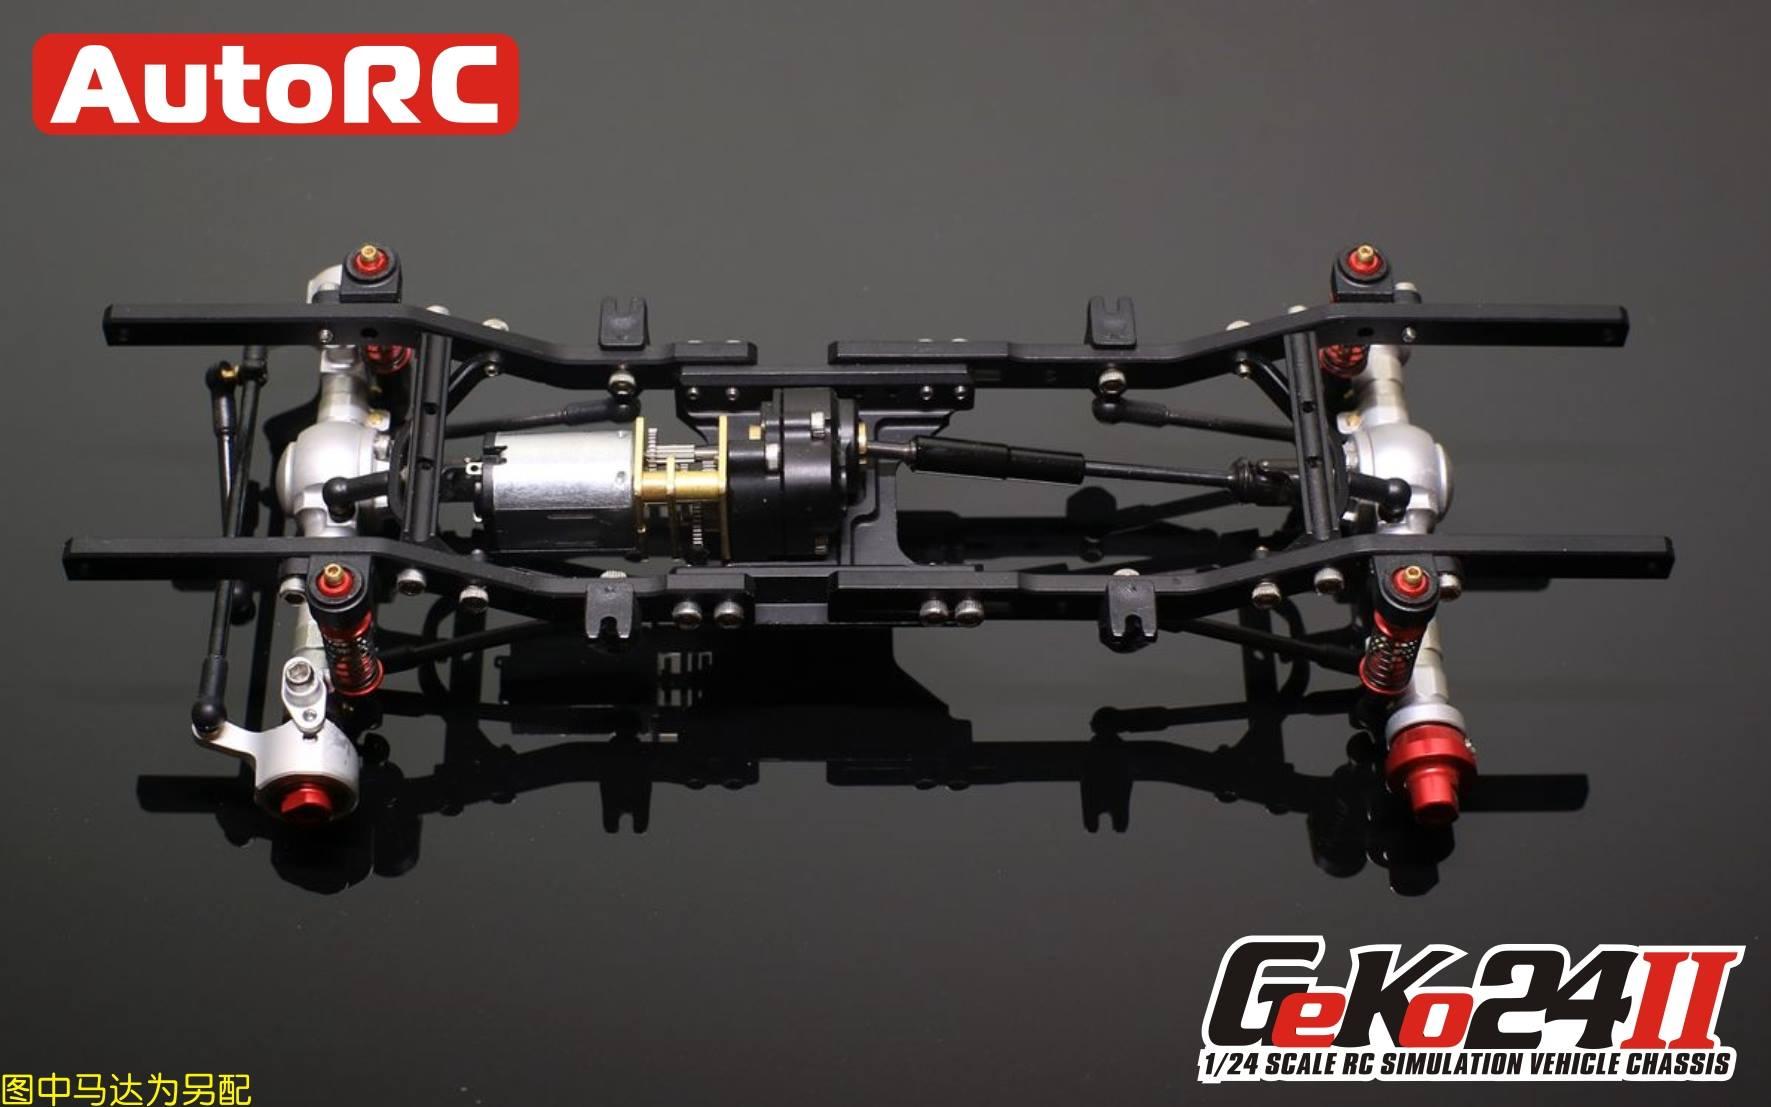 Geko GK-24 II Chassis Set